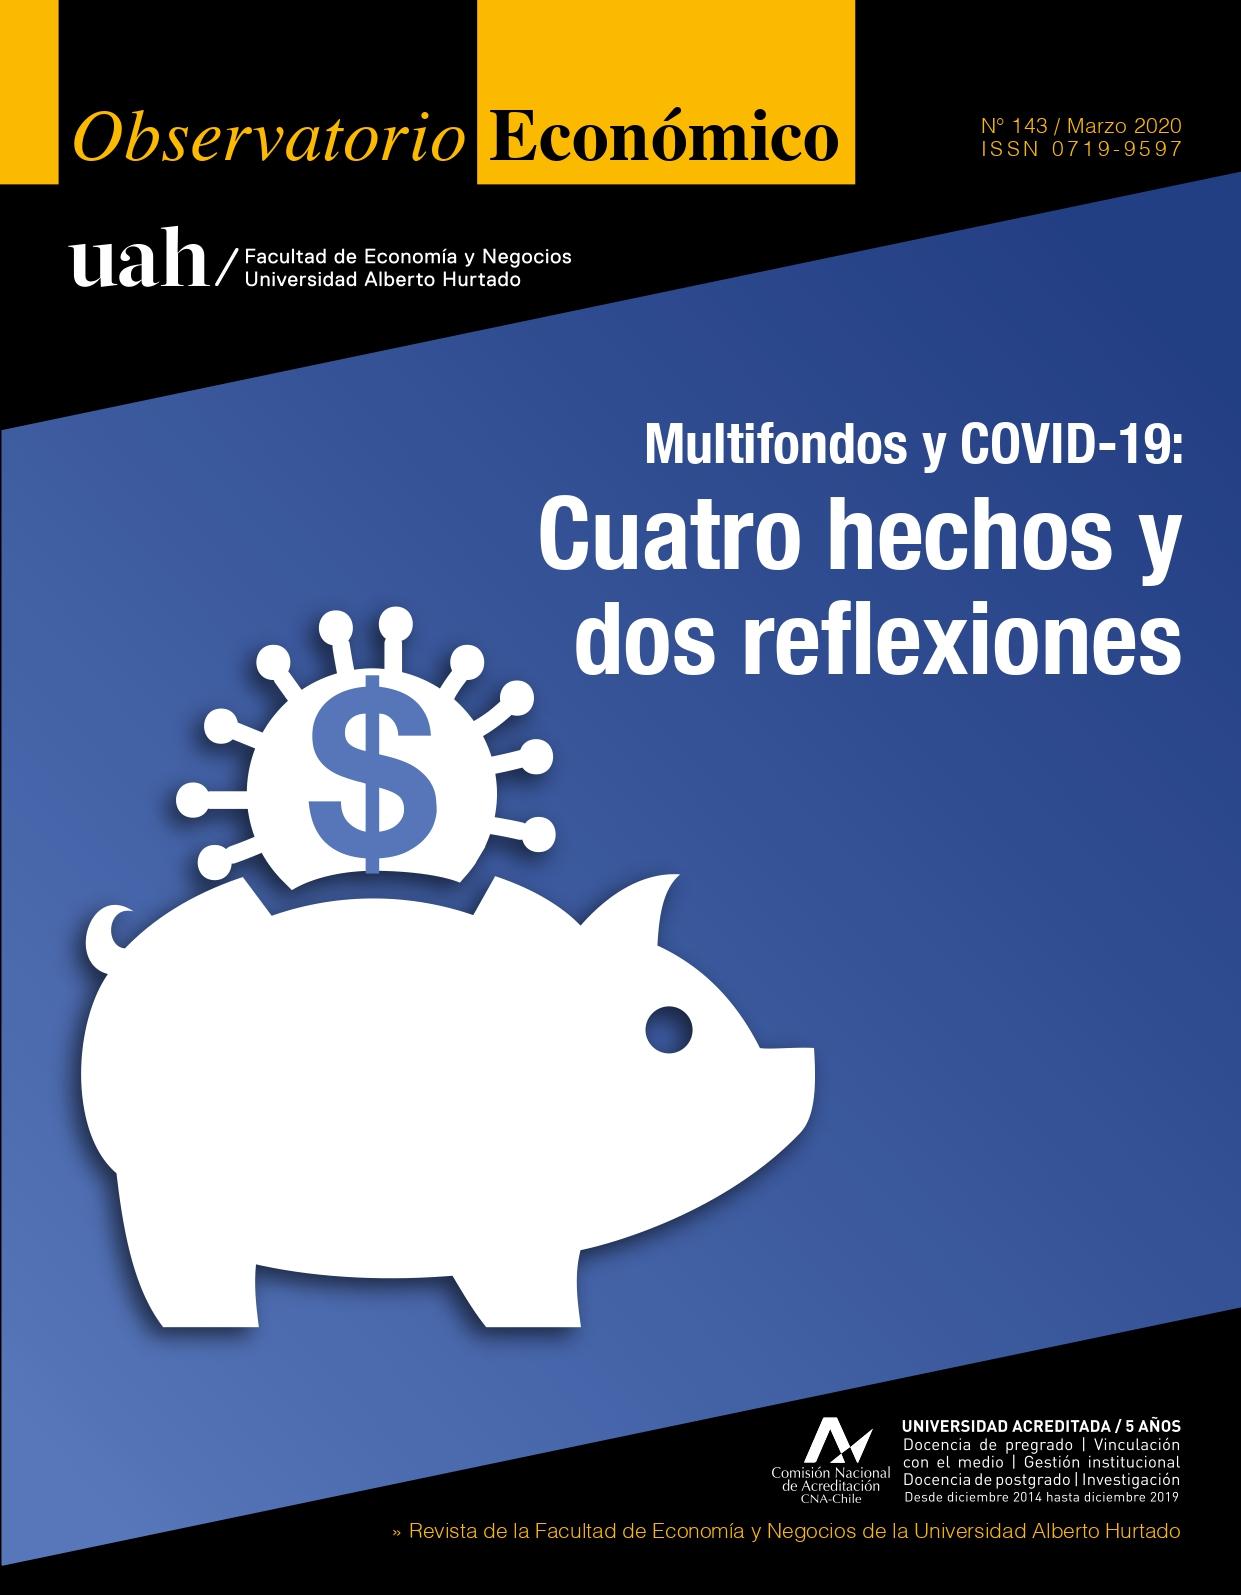 """Título del número: """"Multifondos y COVID-19: Cuatro hechos y dos reflexiones"""""""